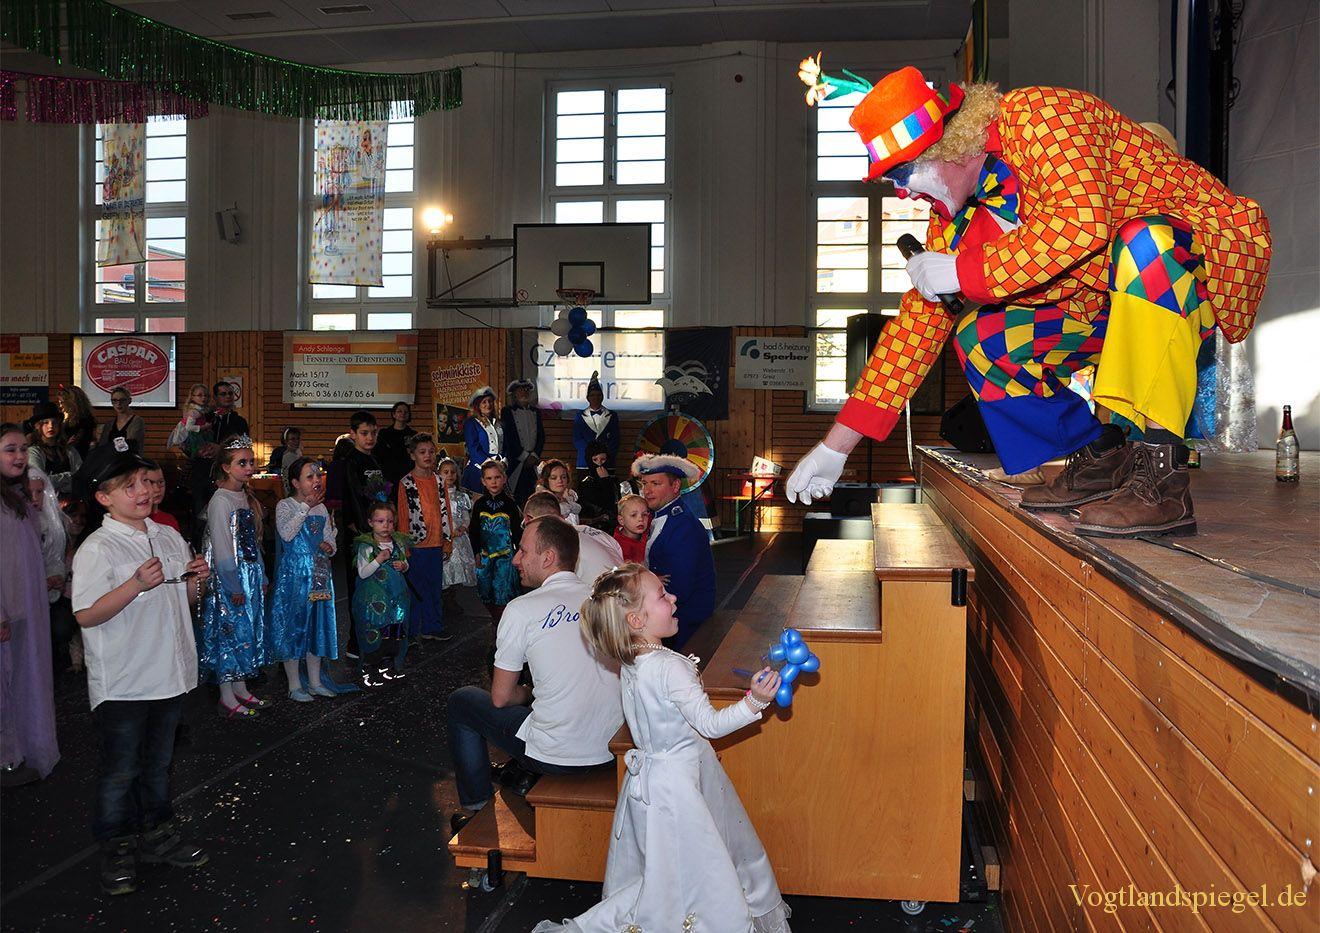 Kunterbunter Kinderfasching für jüngste Greizer